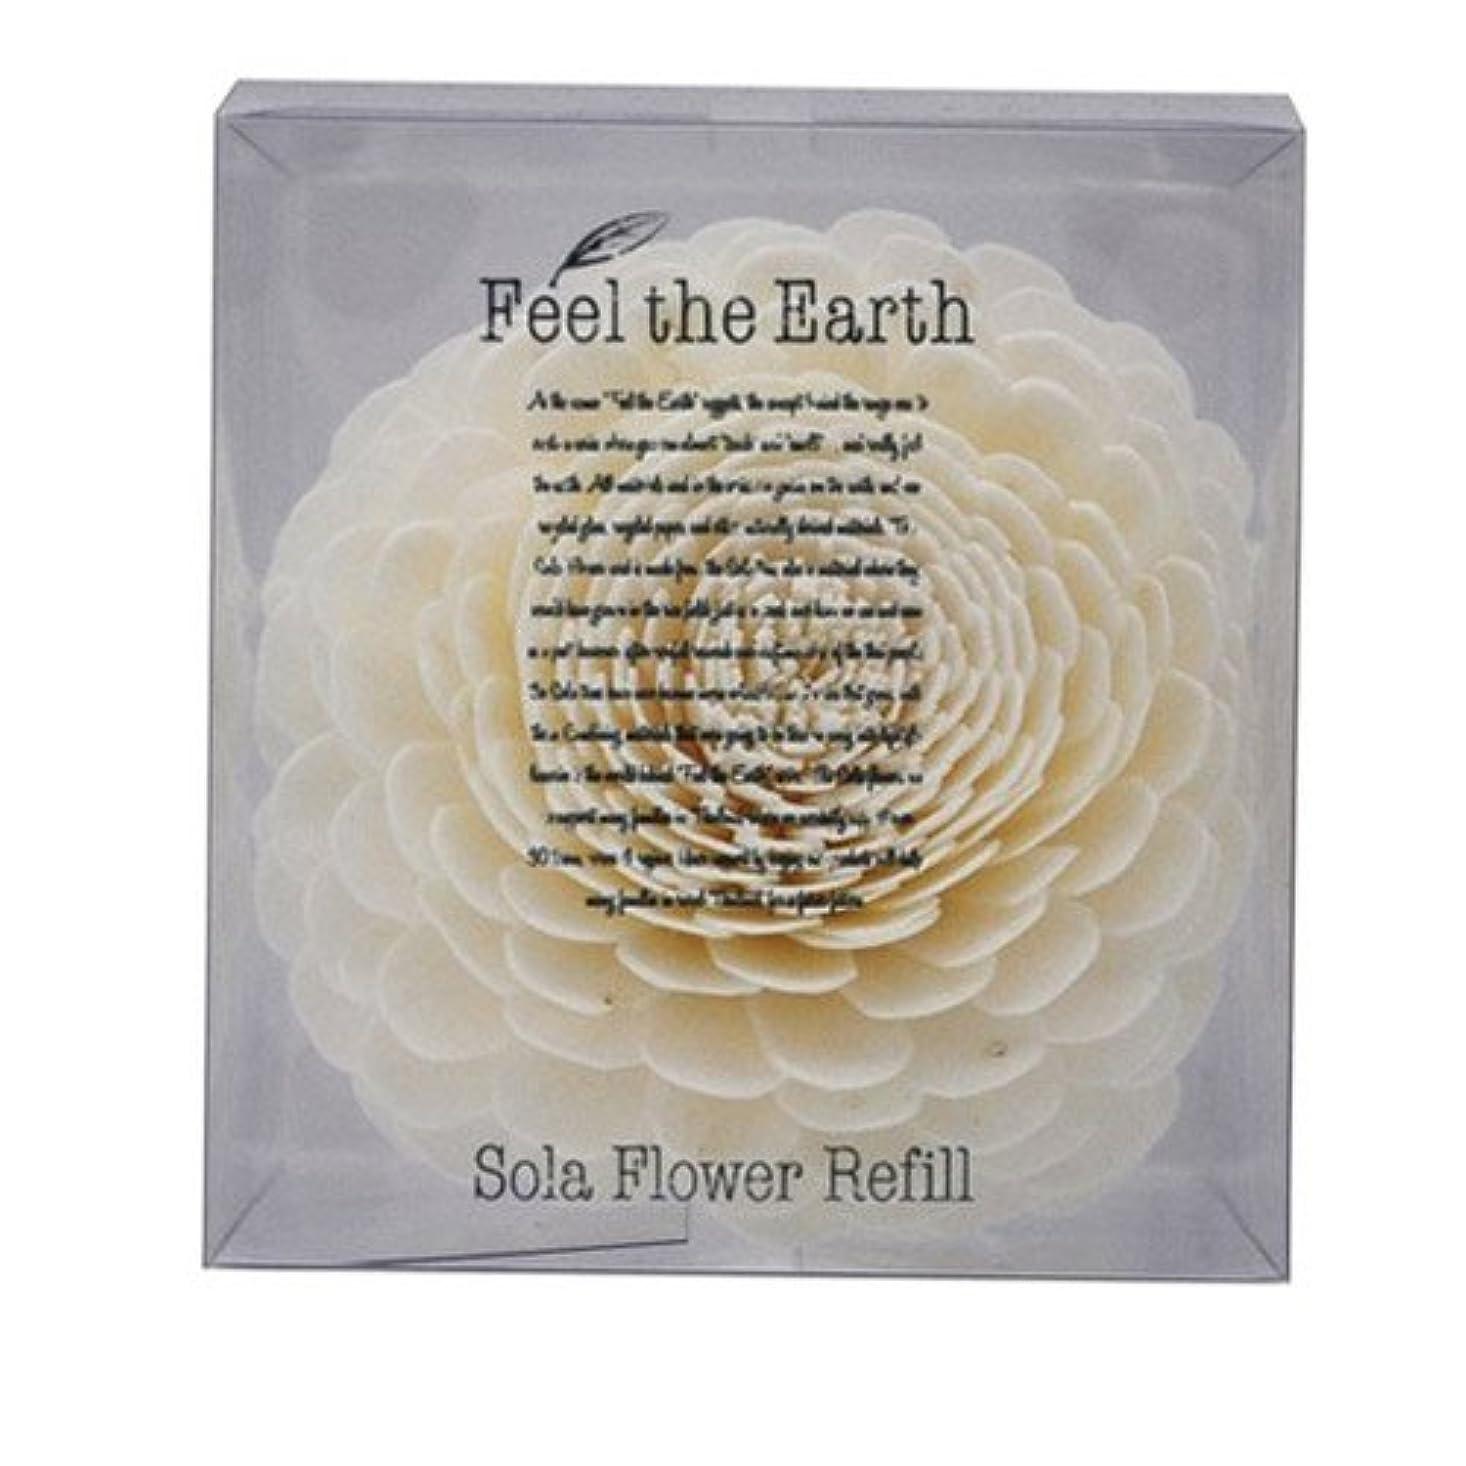 良心横あからさまFEEL THE EARTH ソラフラワー リフィル ダリア DAHLIA フィール ジ アース